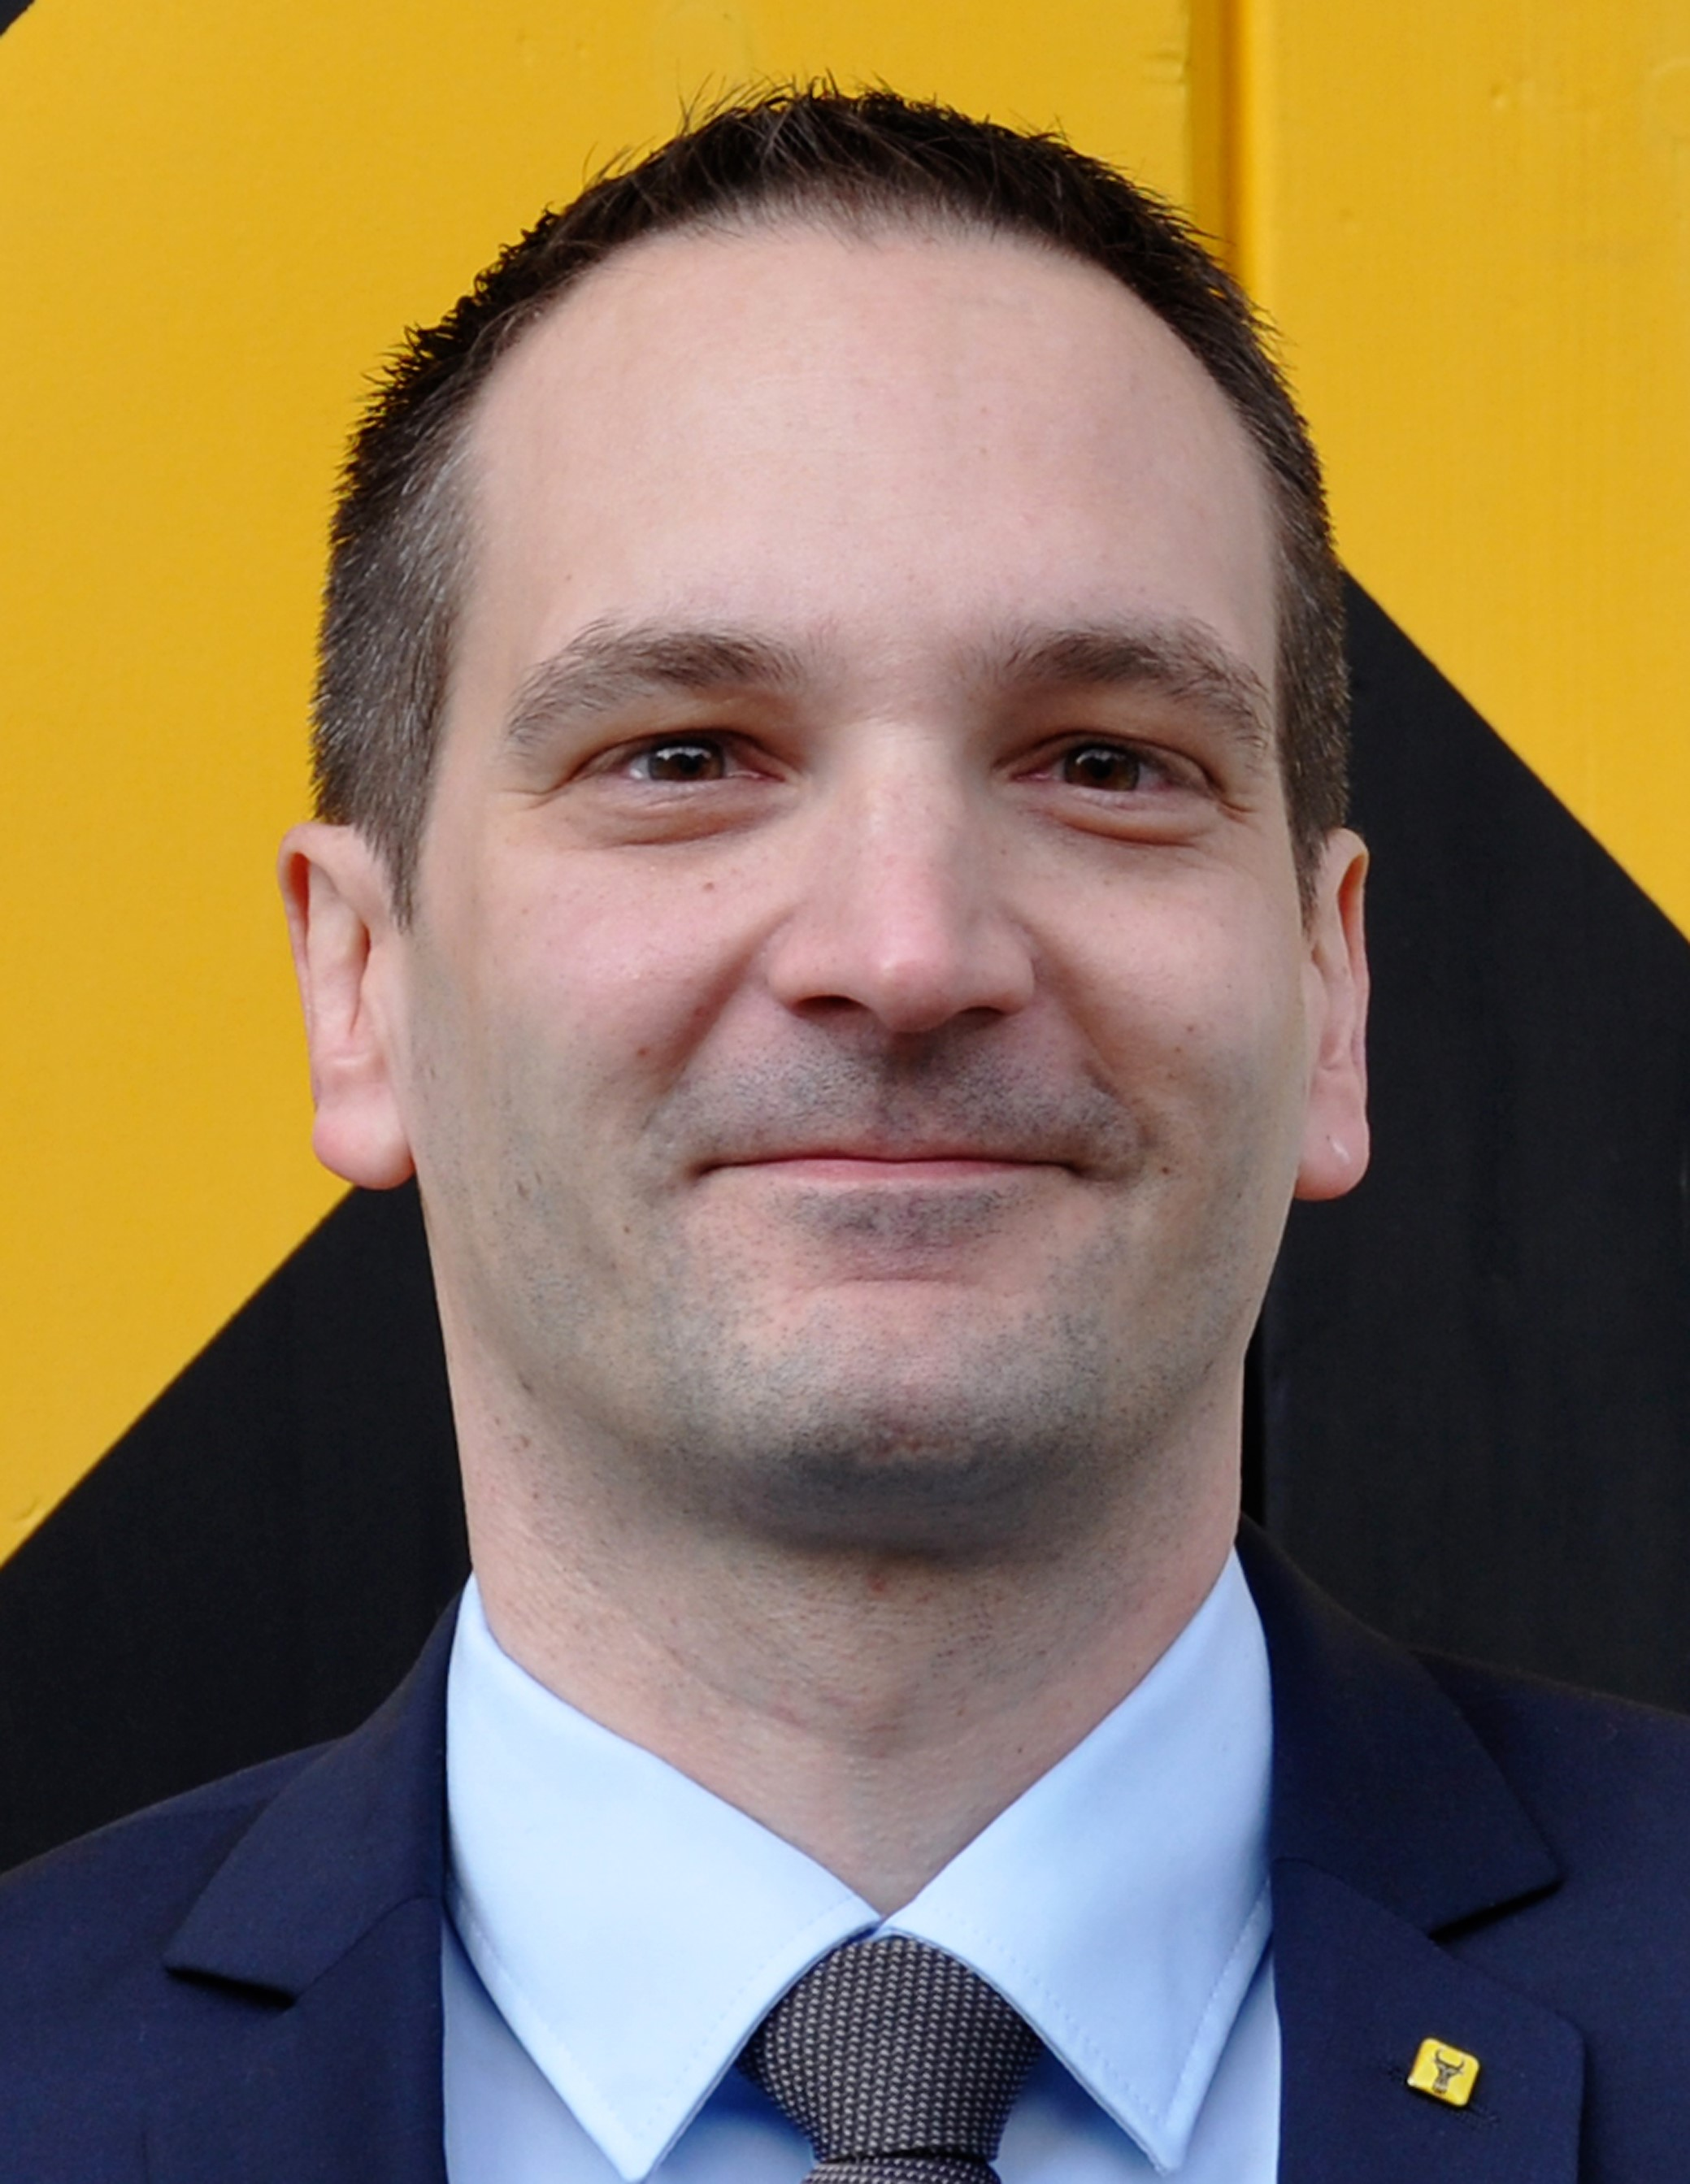 Hubert Lussmann